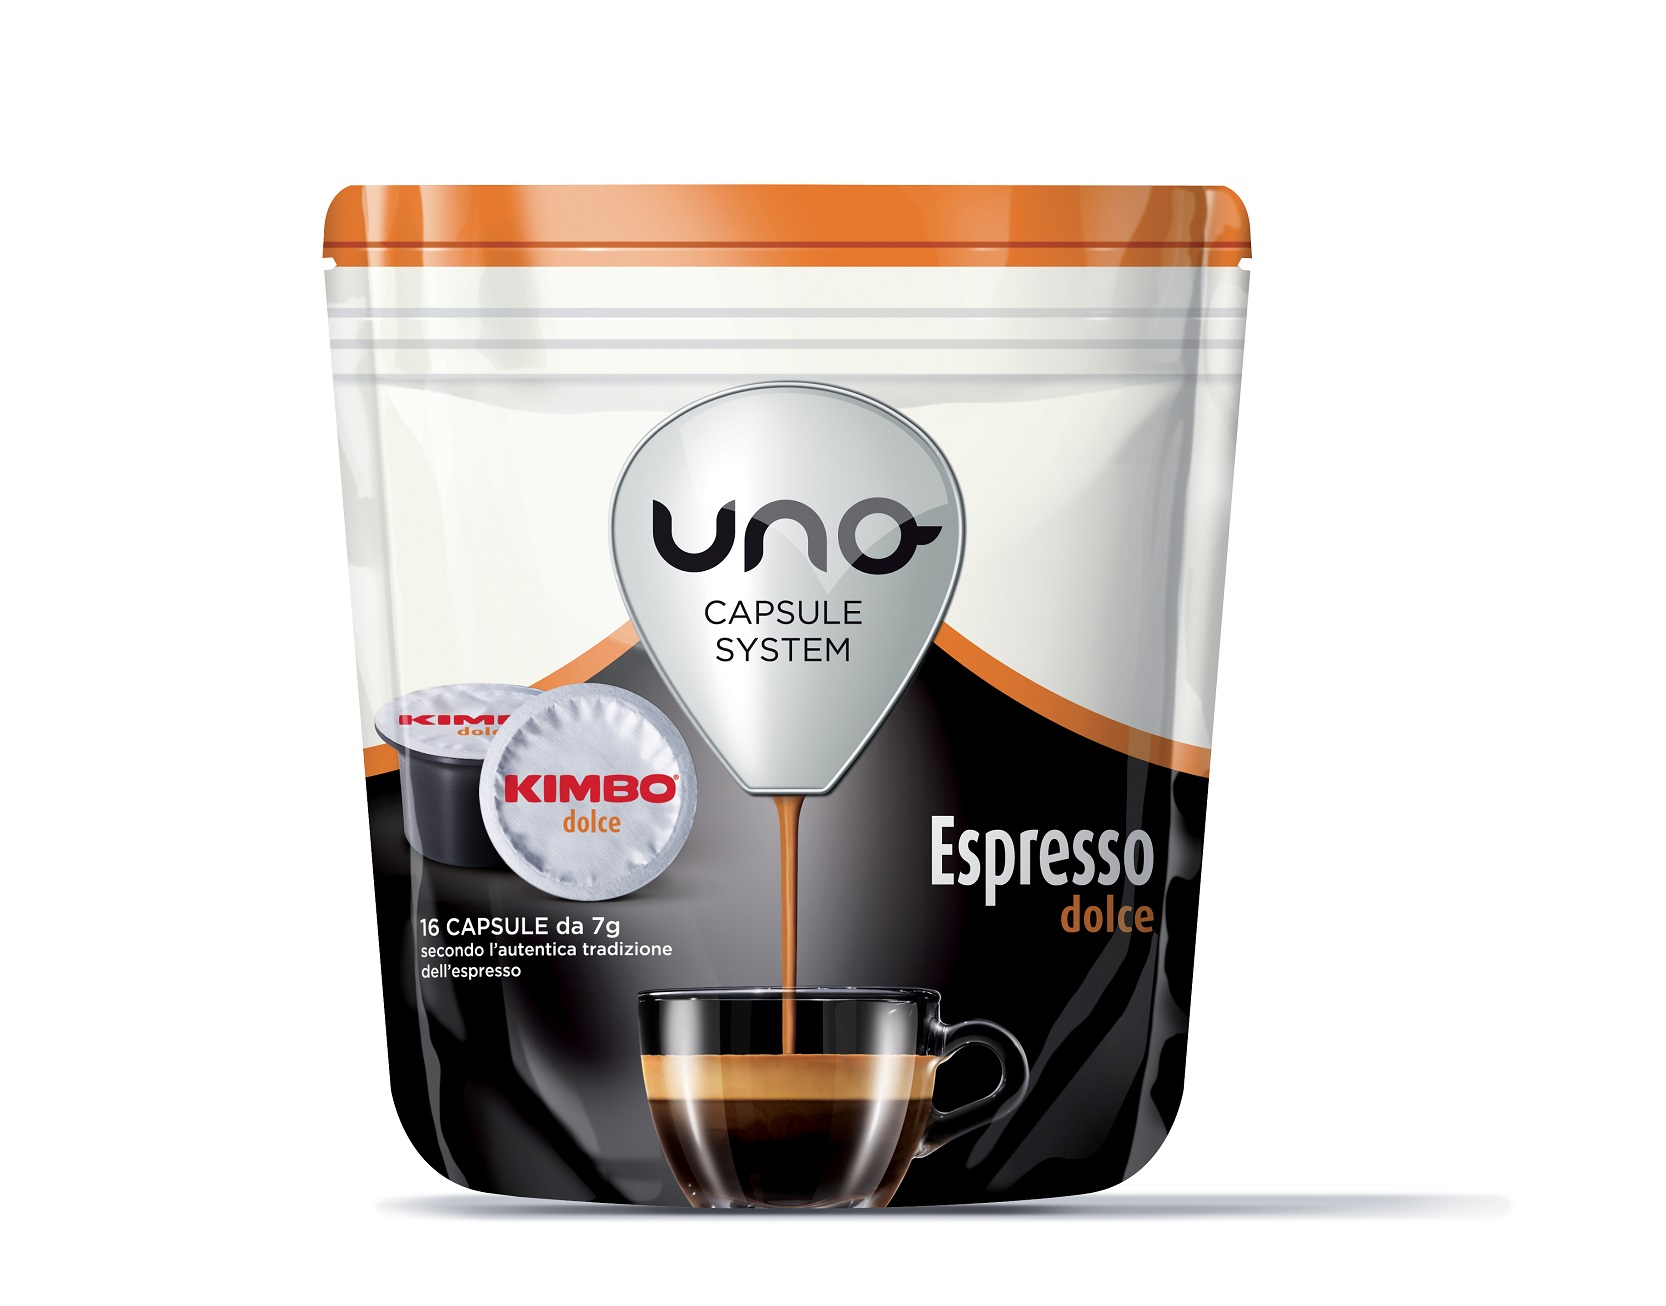 """Kimbo Кафе Капсули """"Uno"""" - Espresso Dolce 16 бр."""